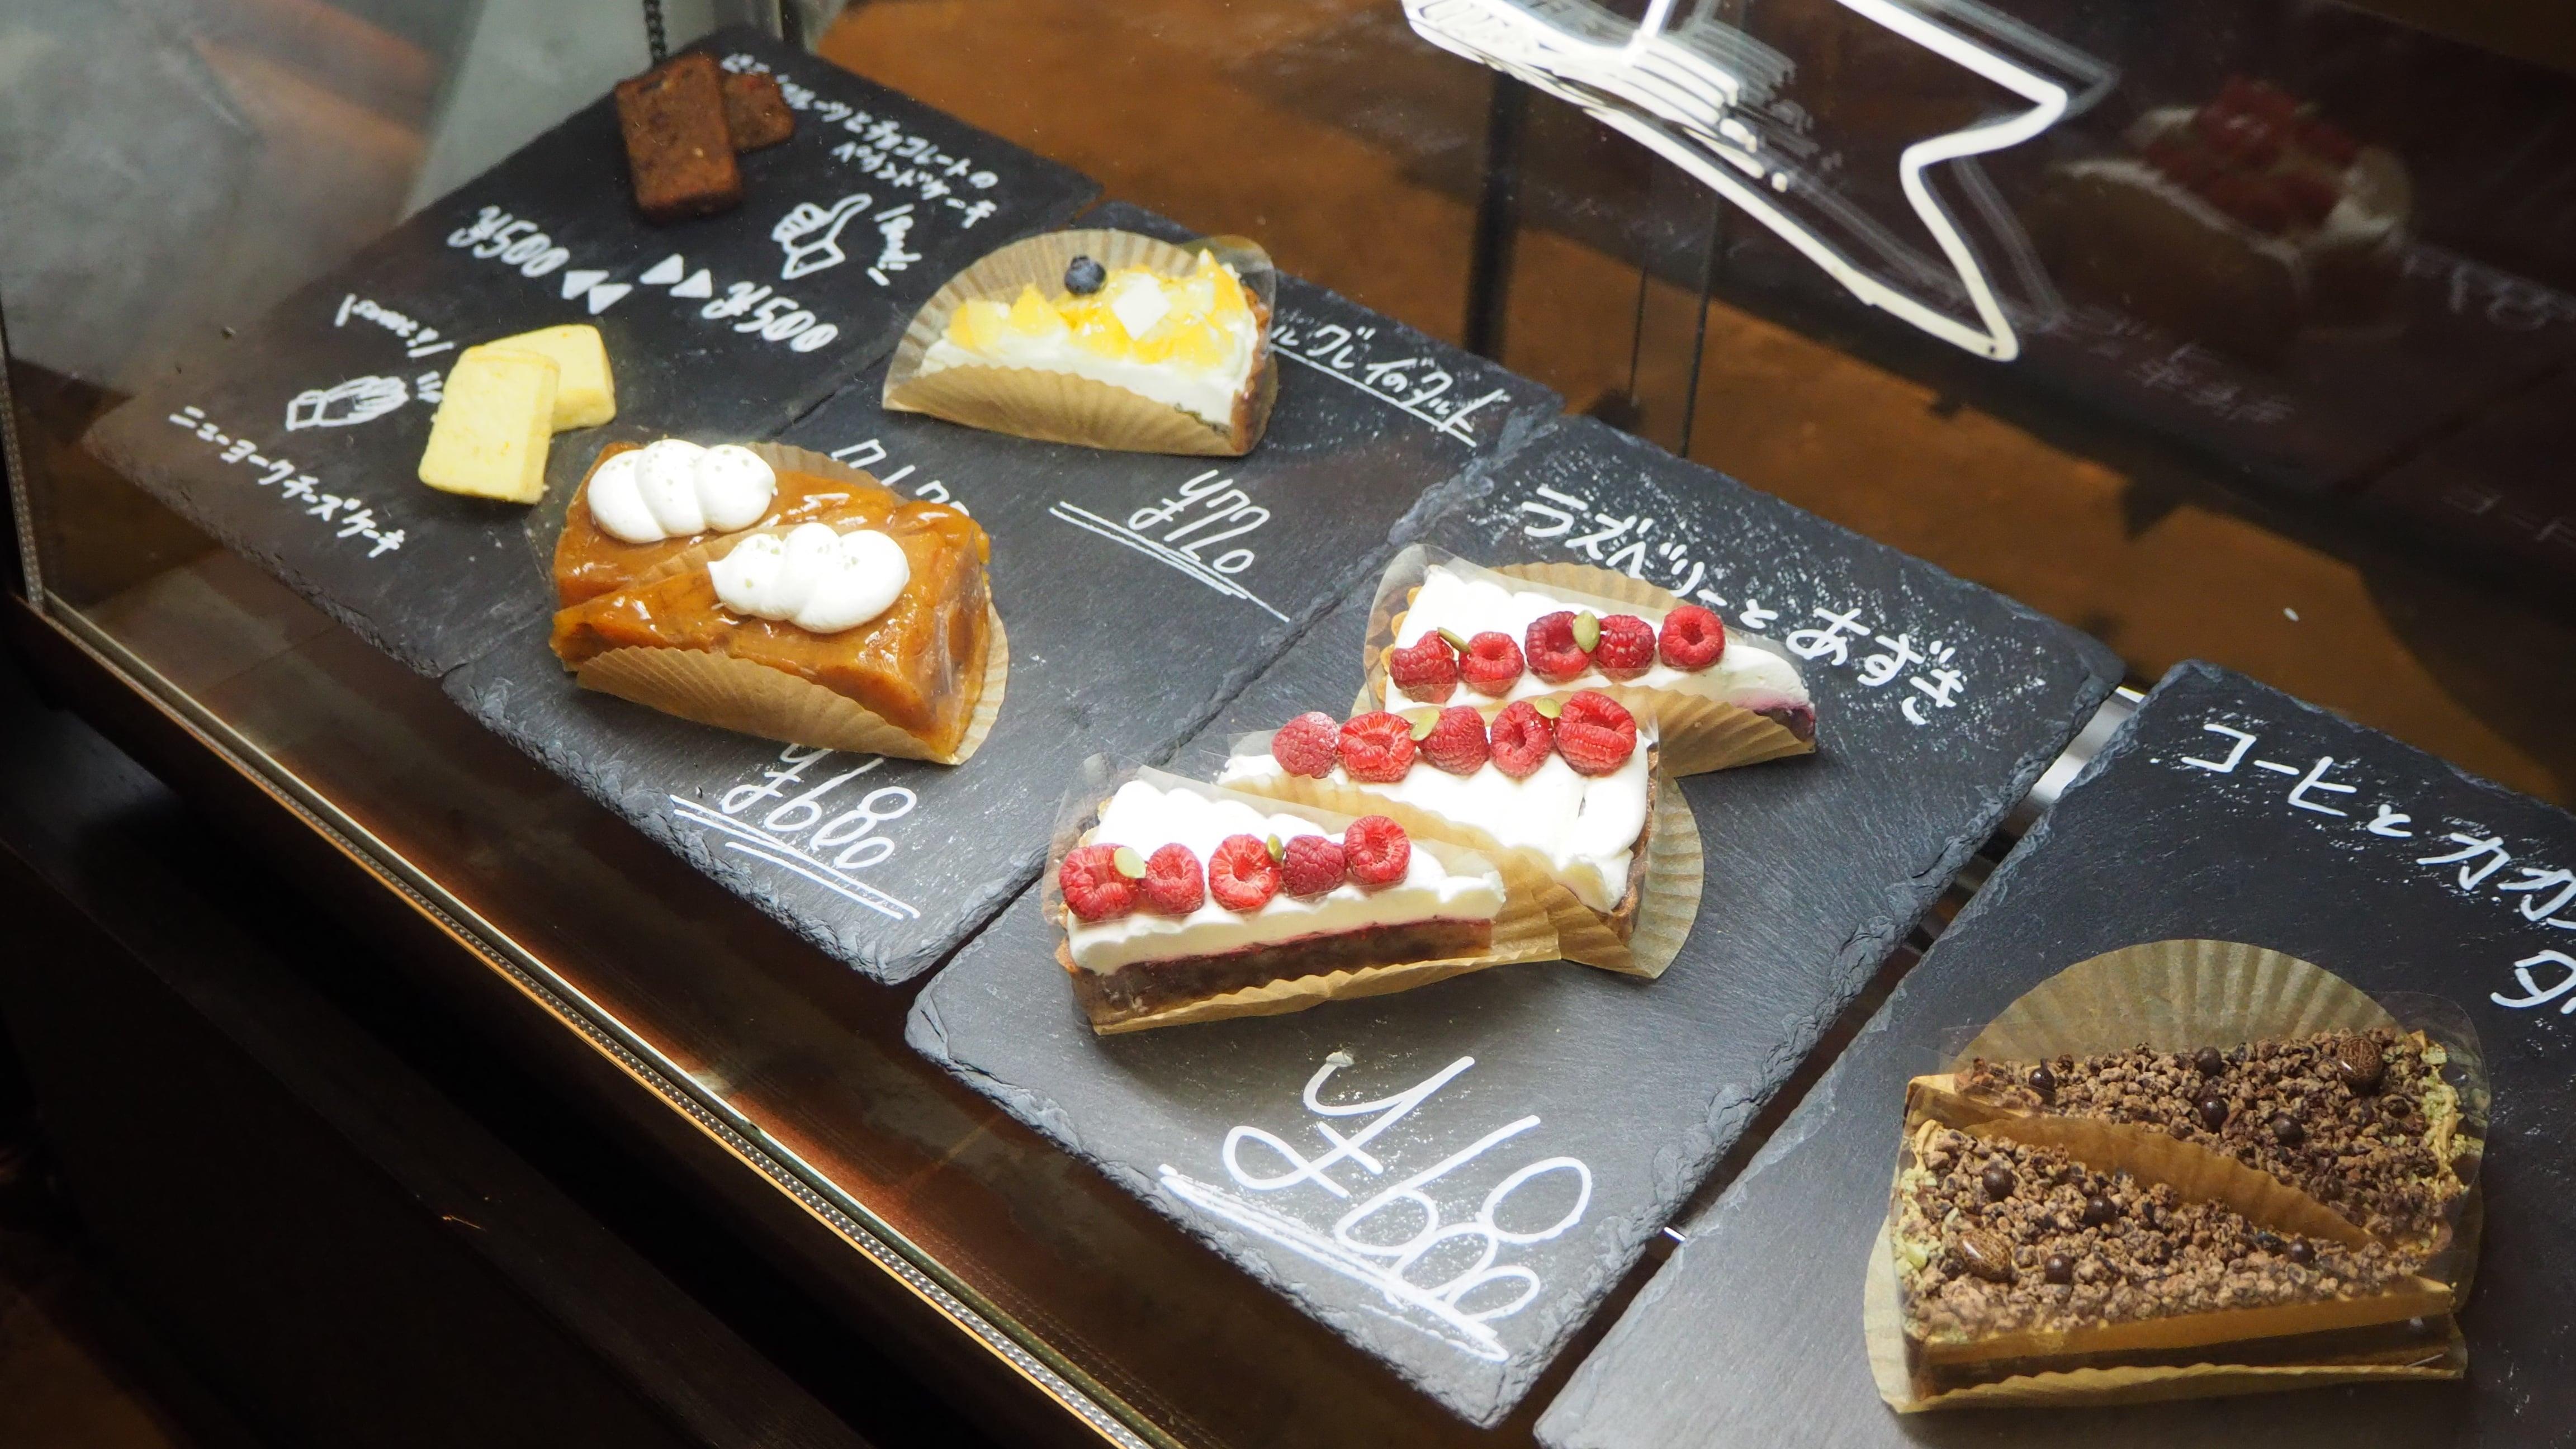 熱々とろ〜りなチーズに注目! 栄駅から徒歩5分のイタリアンで「窯焼きパスタ」実食 - pagina970